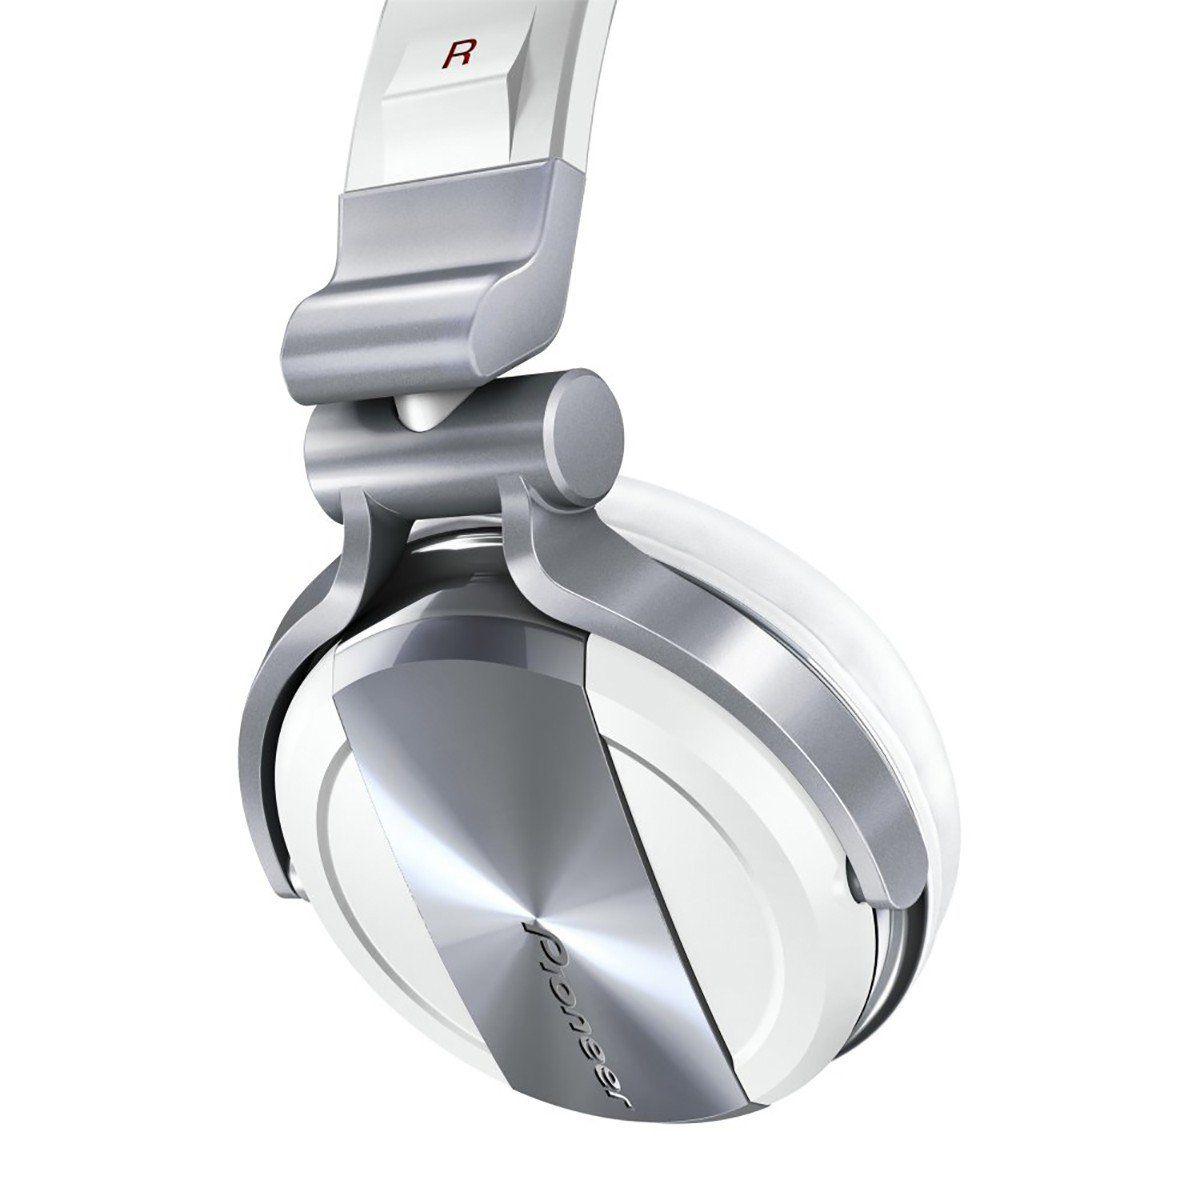 Pioneer HDJ-1500 Fone de Ouvido HDJ1500 Fechado para DJ Profissional com Adaptador